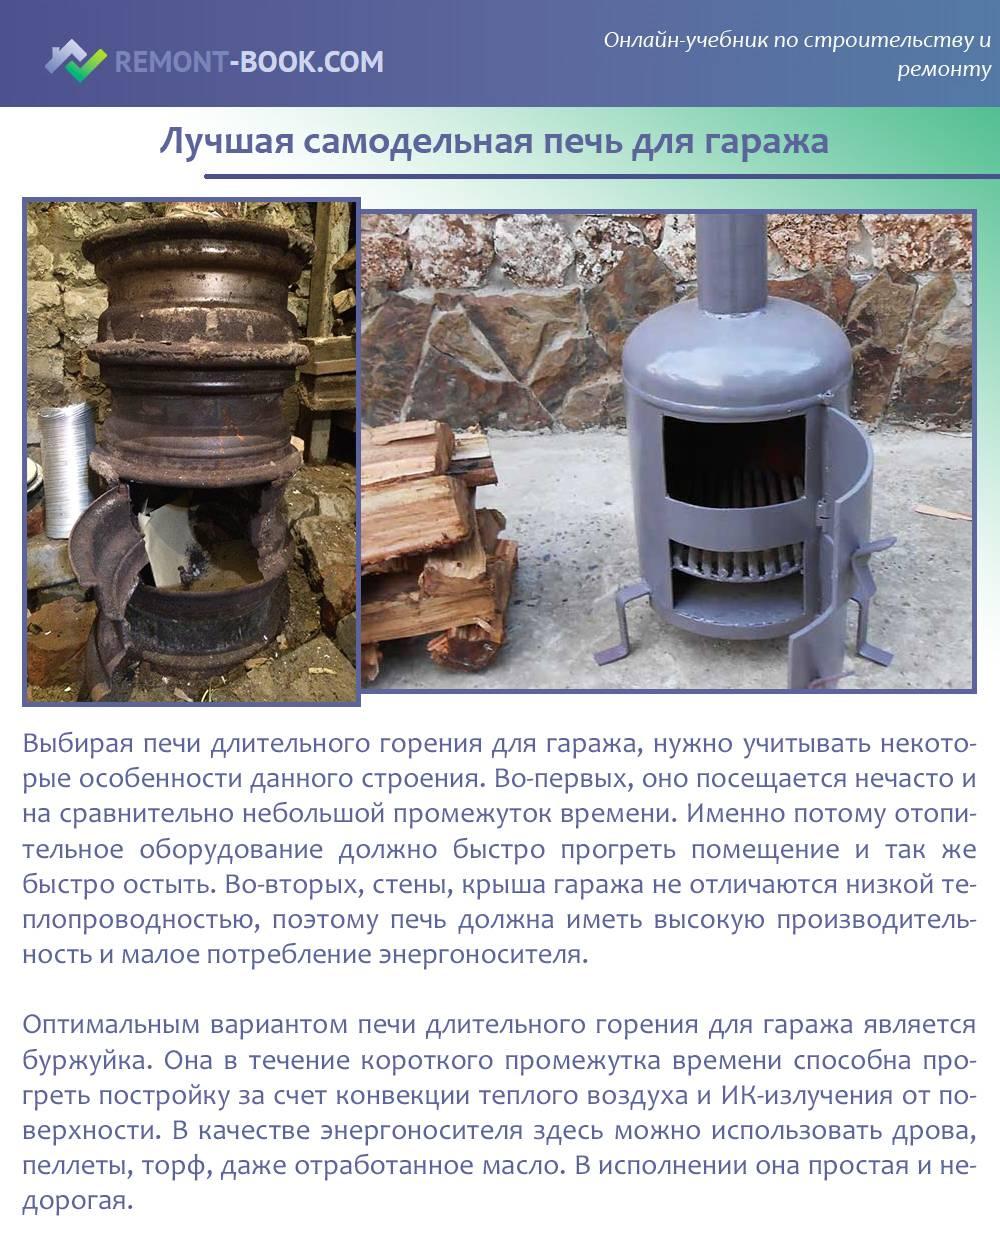 Как сделать своими руками печь-буржуйку на дровах для гаража: обогрев, правильная установка и чертежи